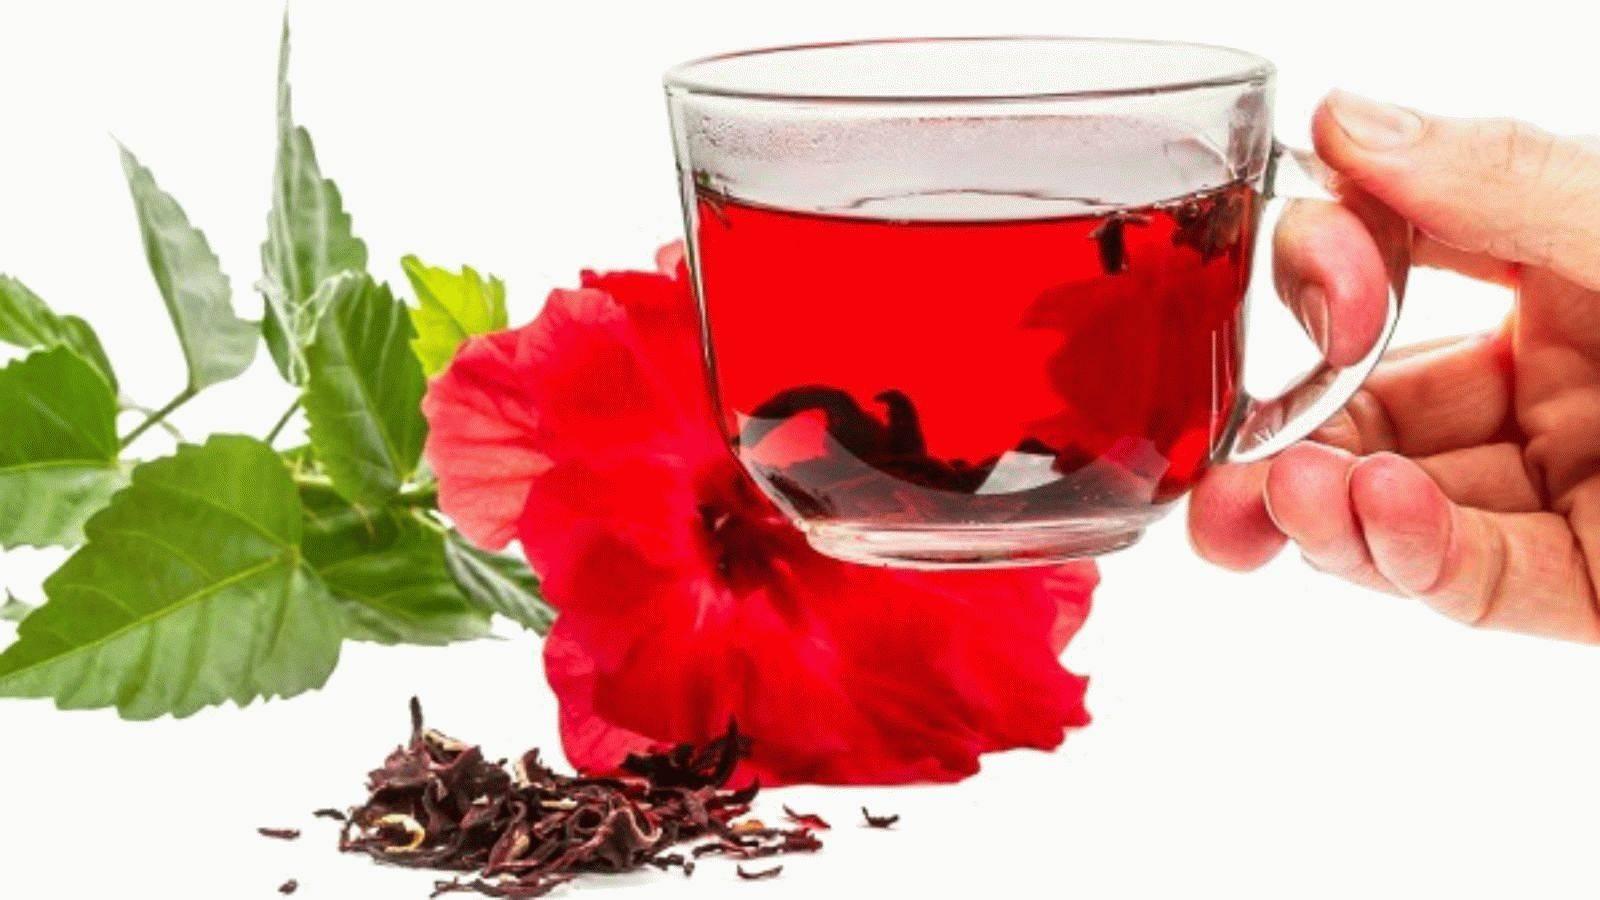 Чай каркаде— помощьвнормализации давления и улучшении работы сосудов